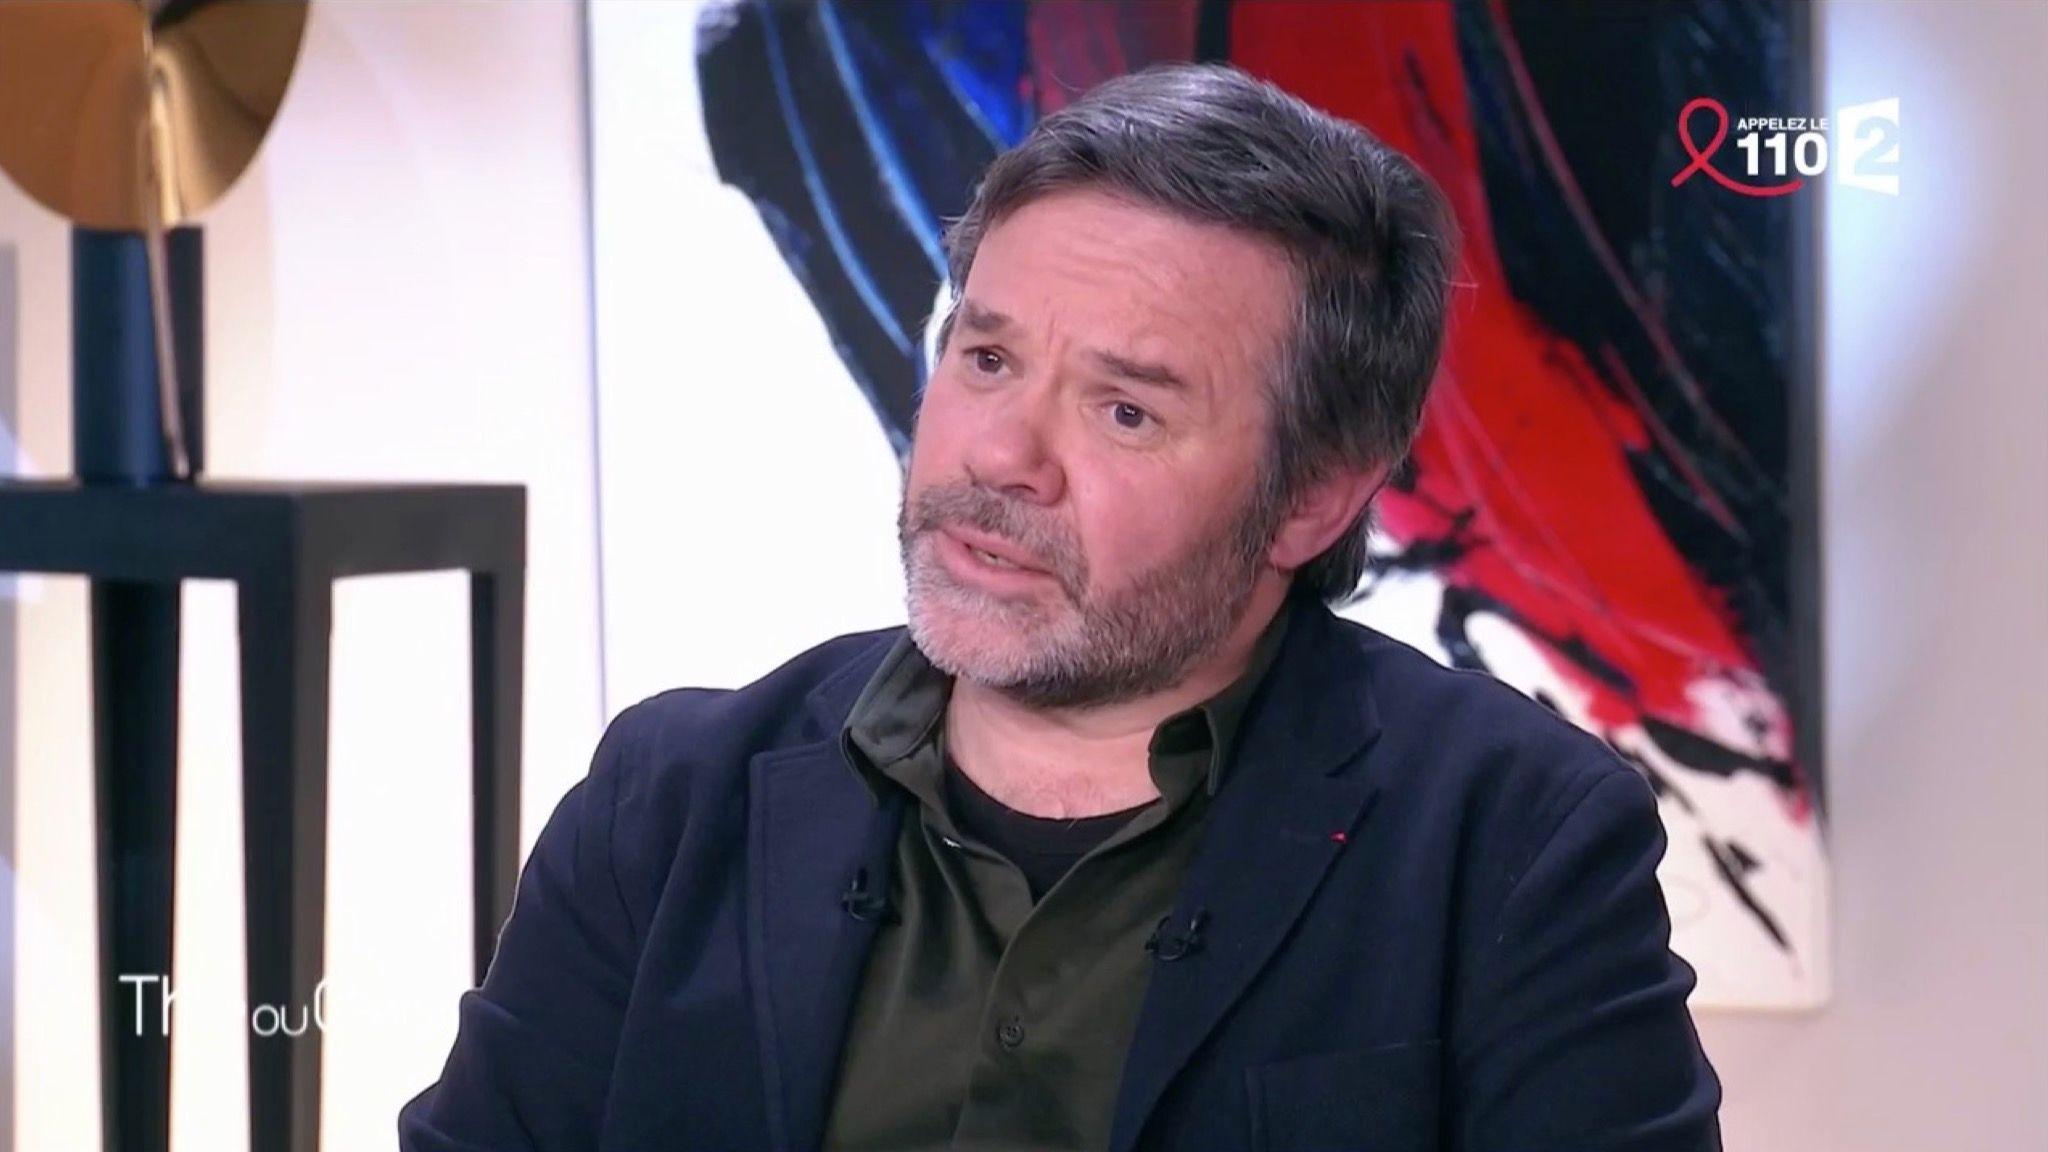 Gordon Ramsay Cauchemar En Cuisine Streaming Unique Stock Video Philippe Etchebest Avec Des Cheveux Il Est Méconnaissable